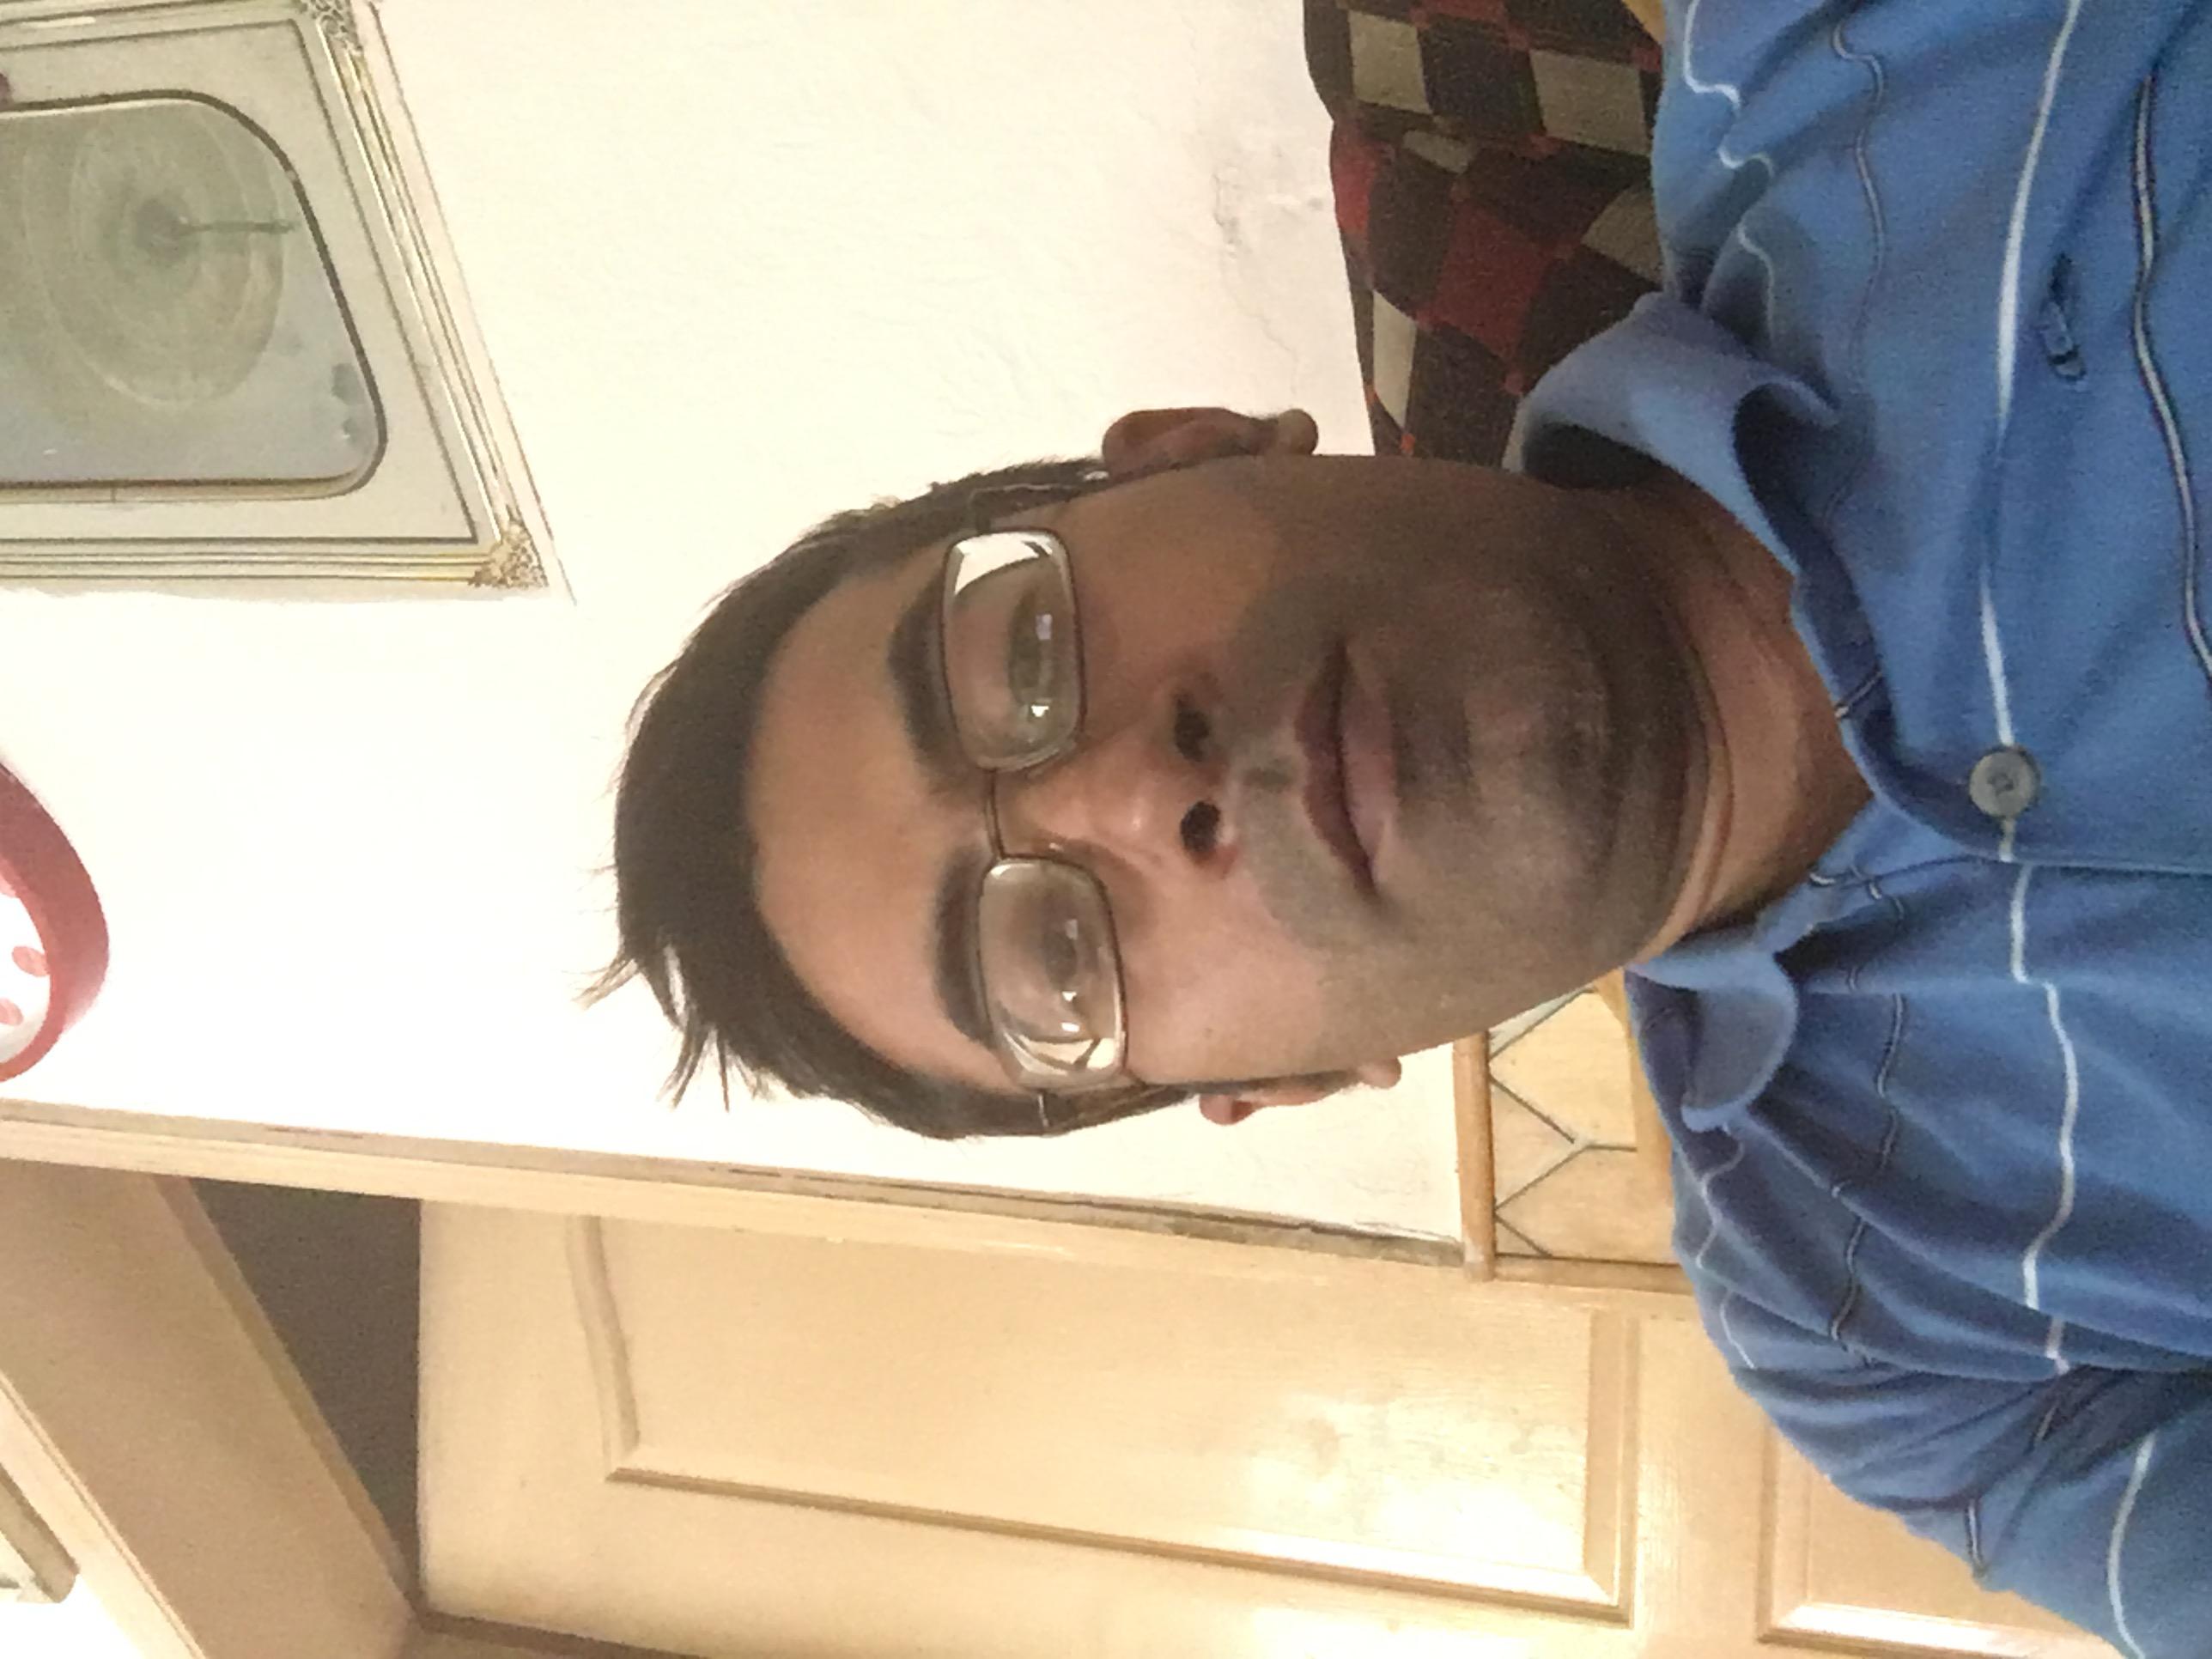 Natiq Hussain